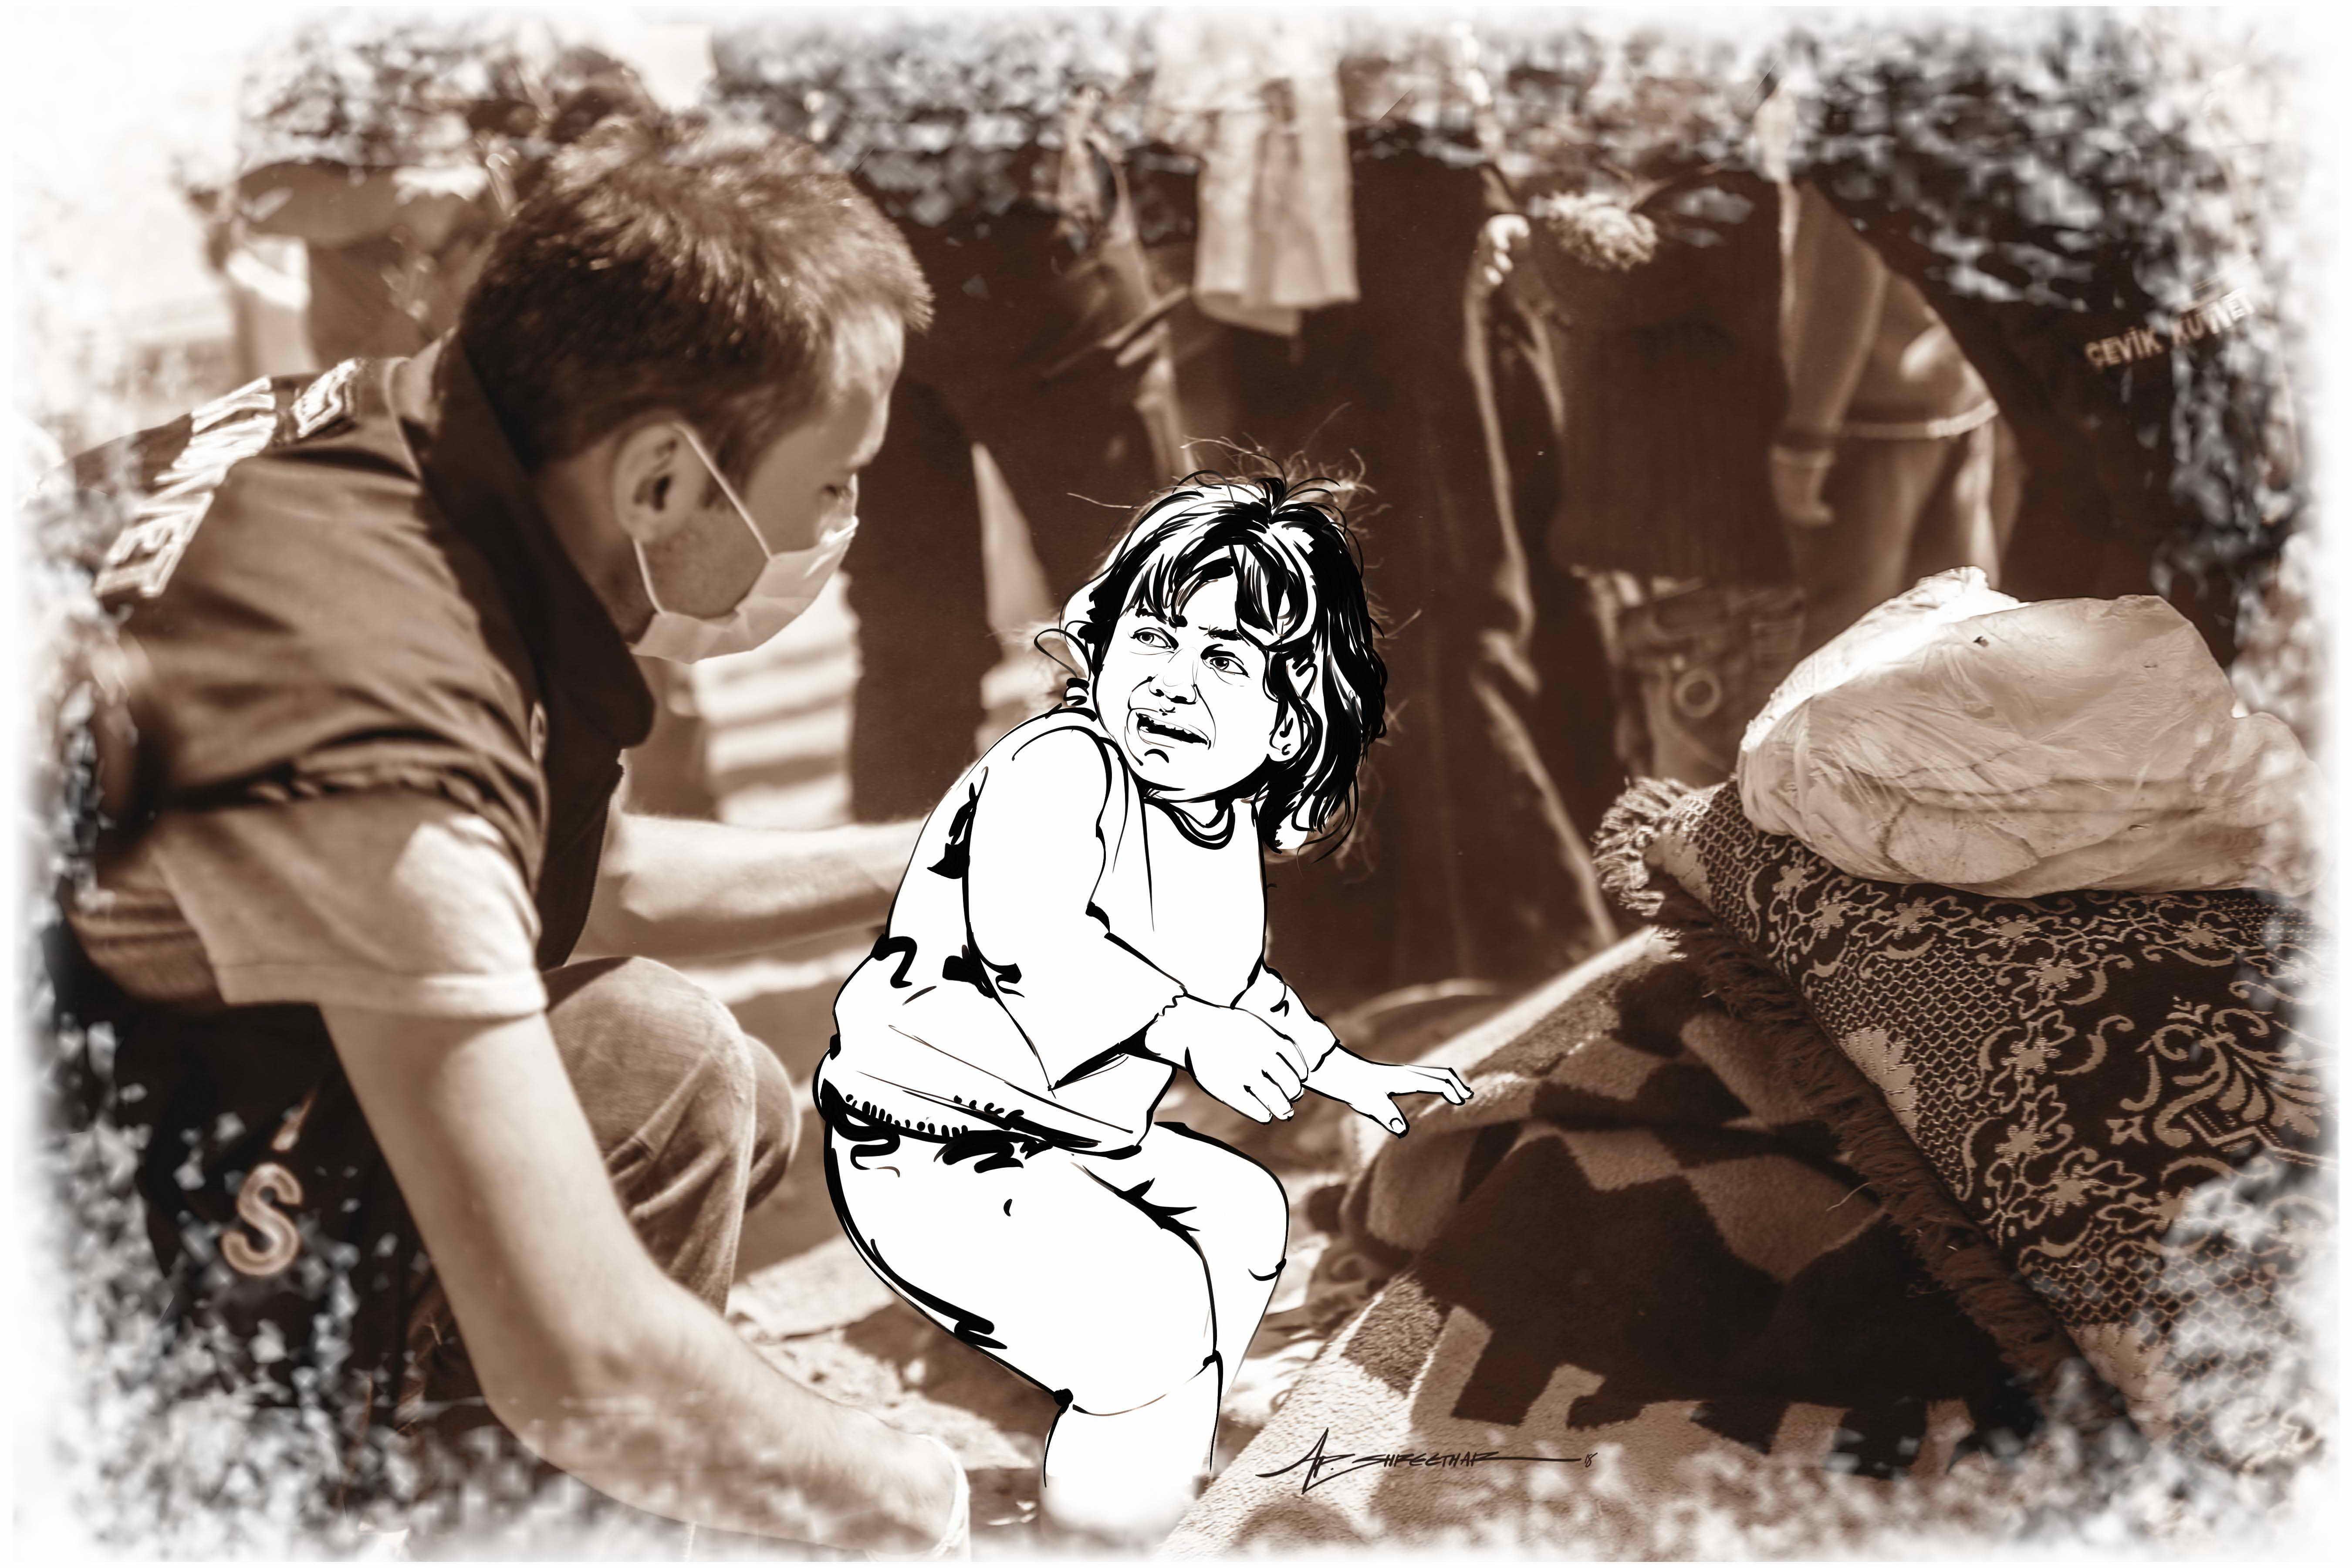 சிரியா போரை மையமாக வைத்து ஸ்ரீதர் வரைந்த ஓவியங்கள்..!